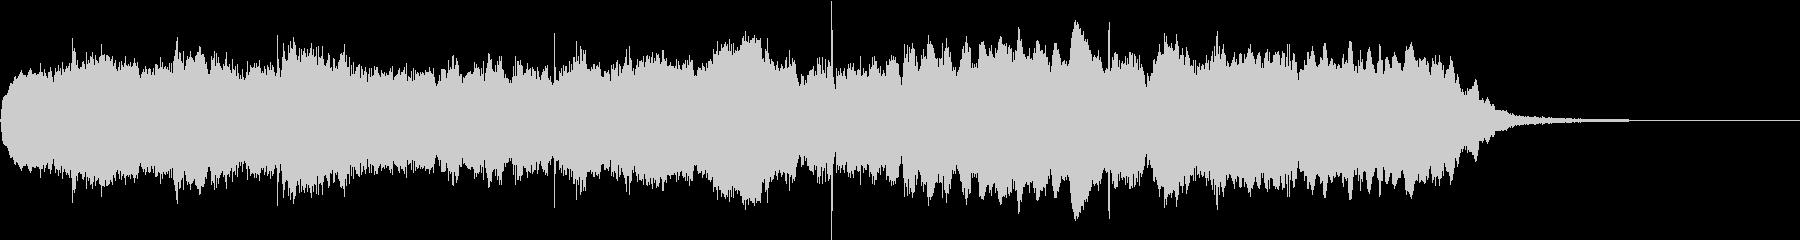 15秒から20秒の動画用BGM~和風~の未再生の波形